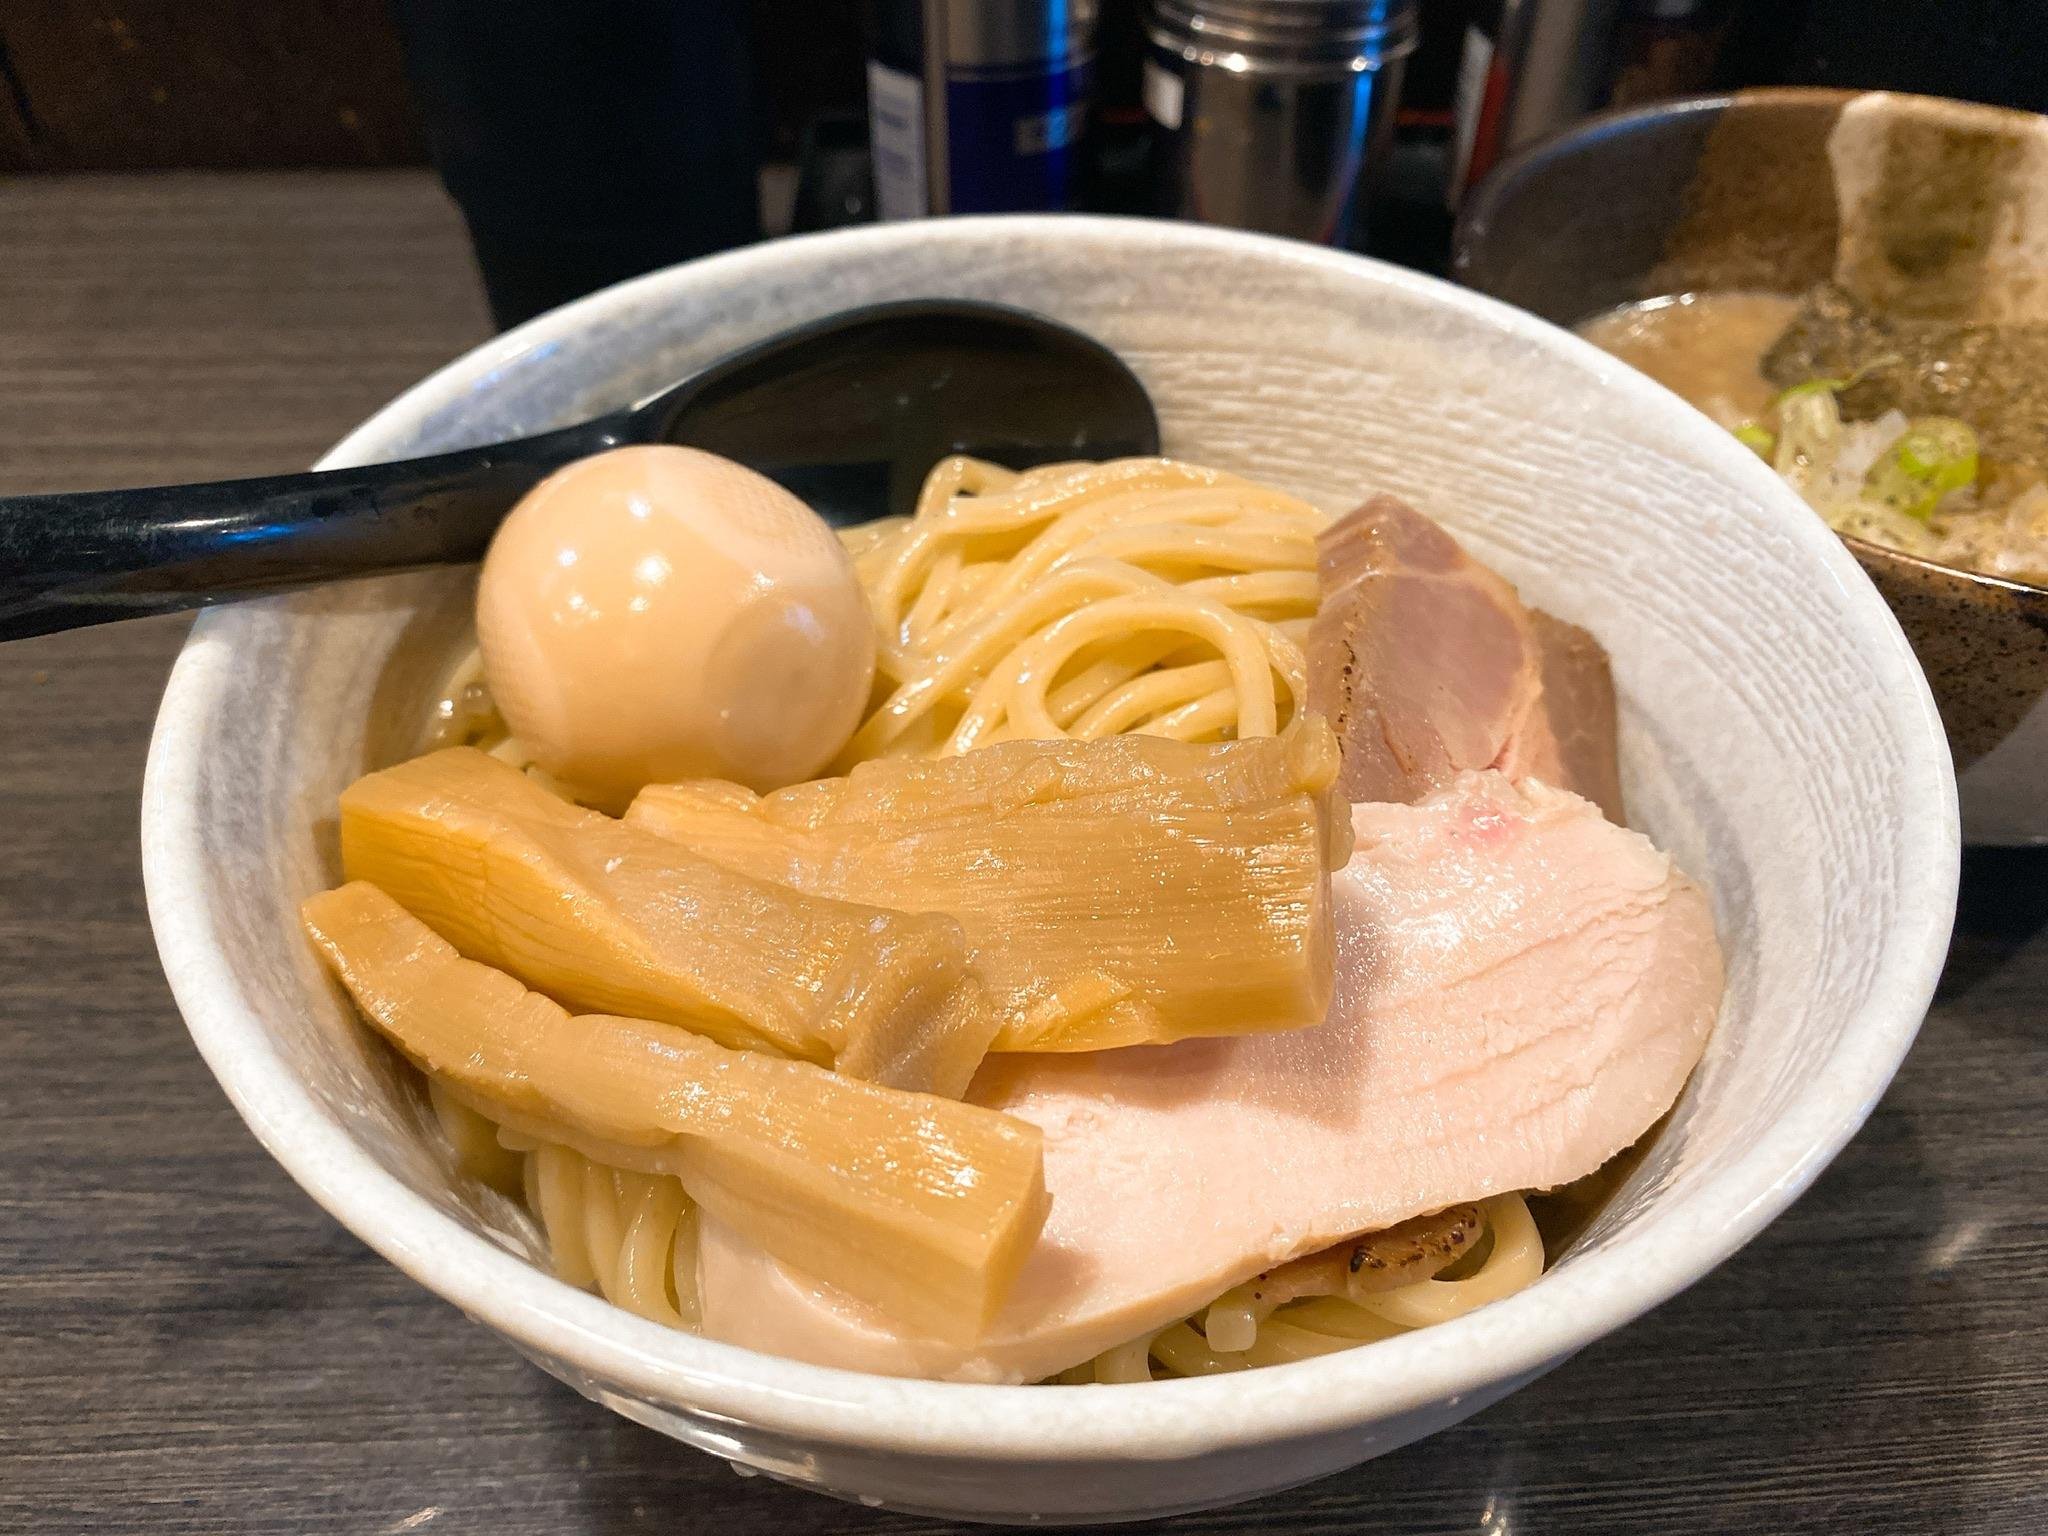 つけ麺陽の鶏と帆立の濃厚塩つけ麺の麺の写真